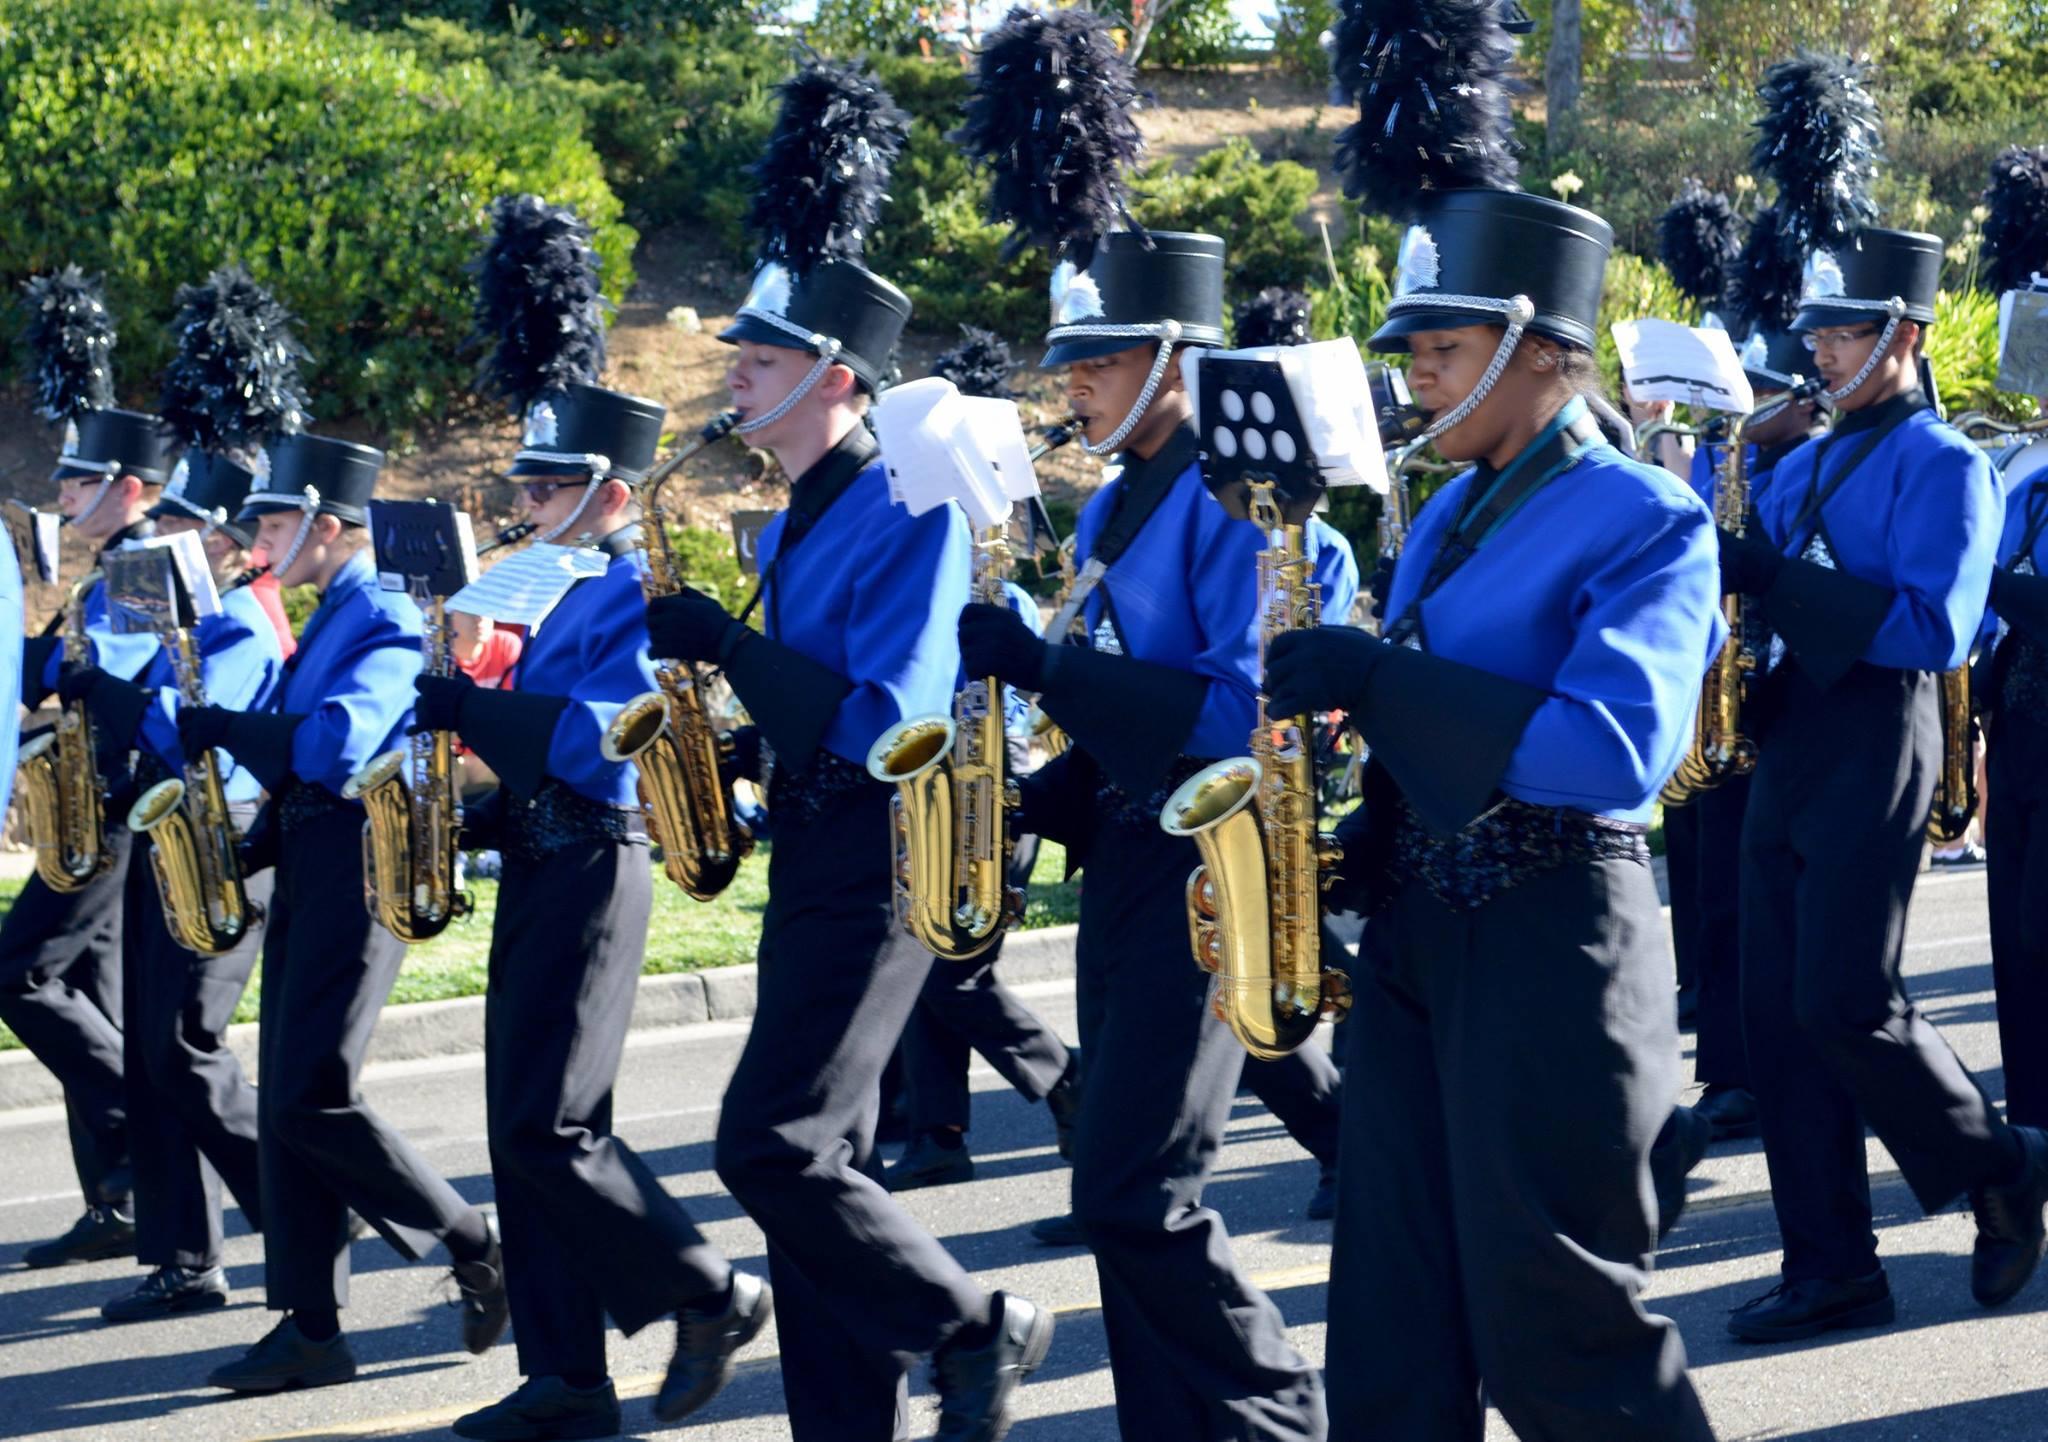 MB homecoming parade 2016.sax.jpg